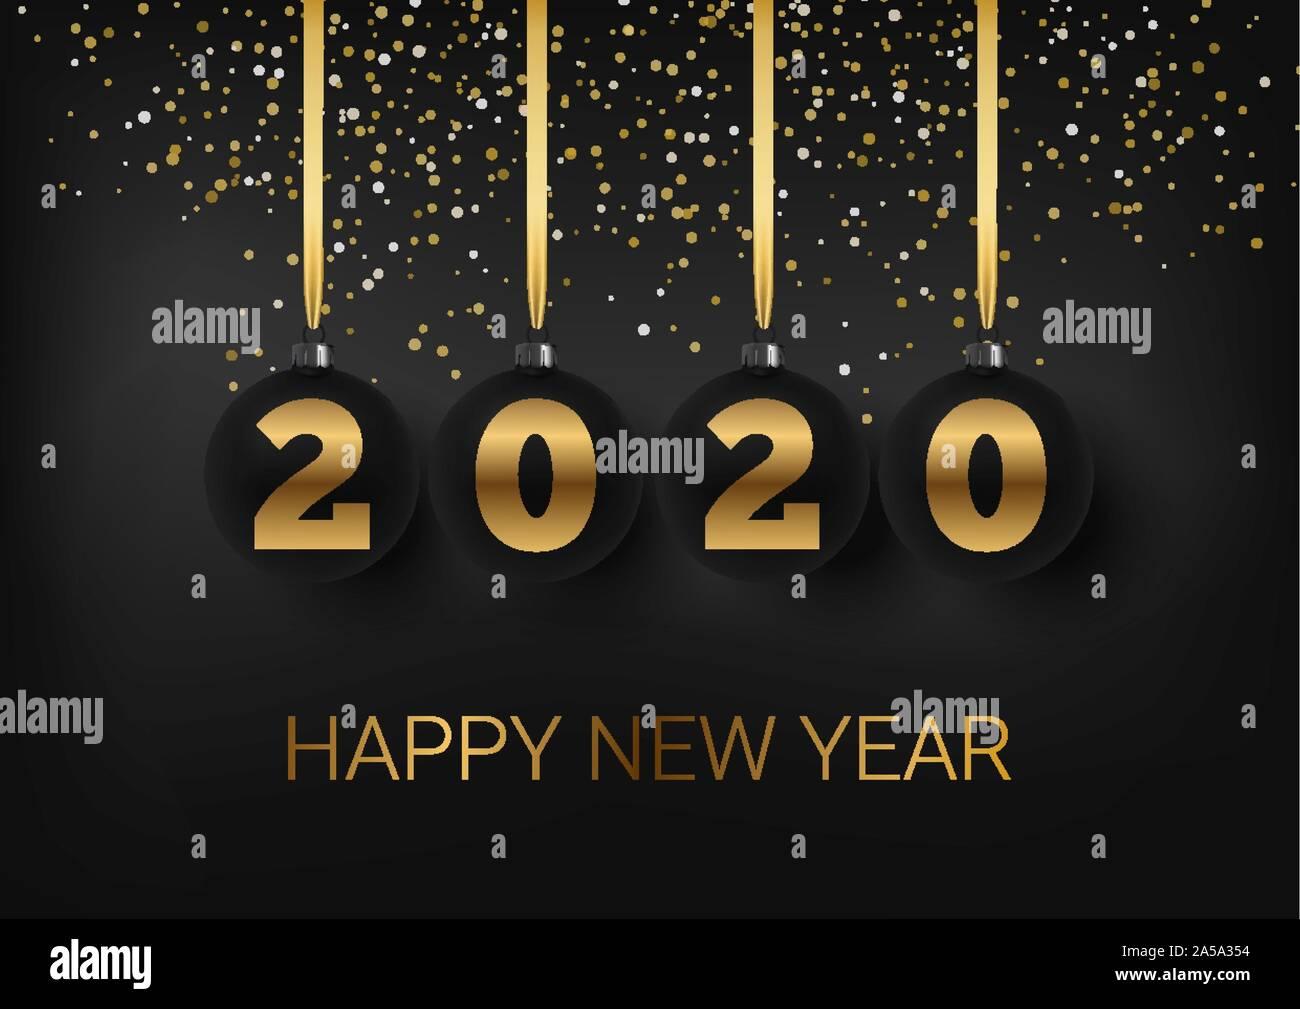 Tarjeta De Felicitación Invitación Con Feliz Año Nuevo 2020